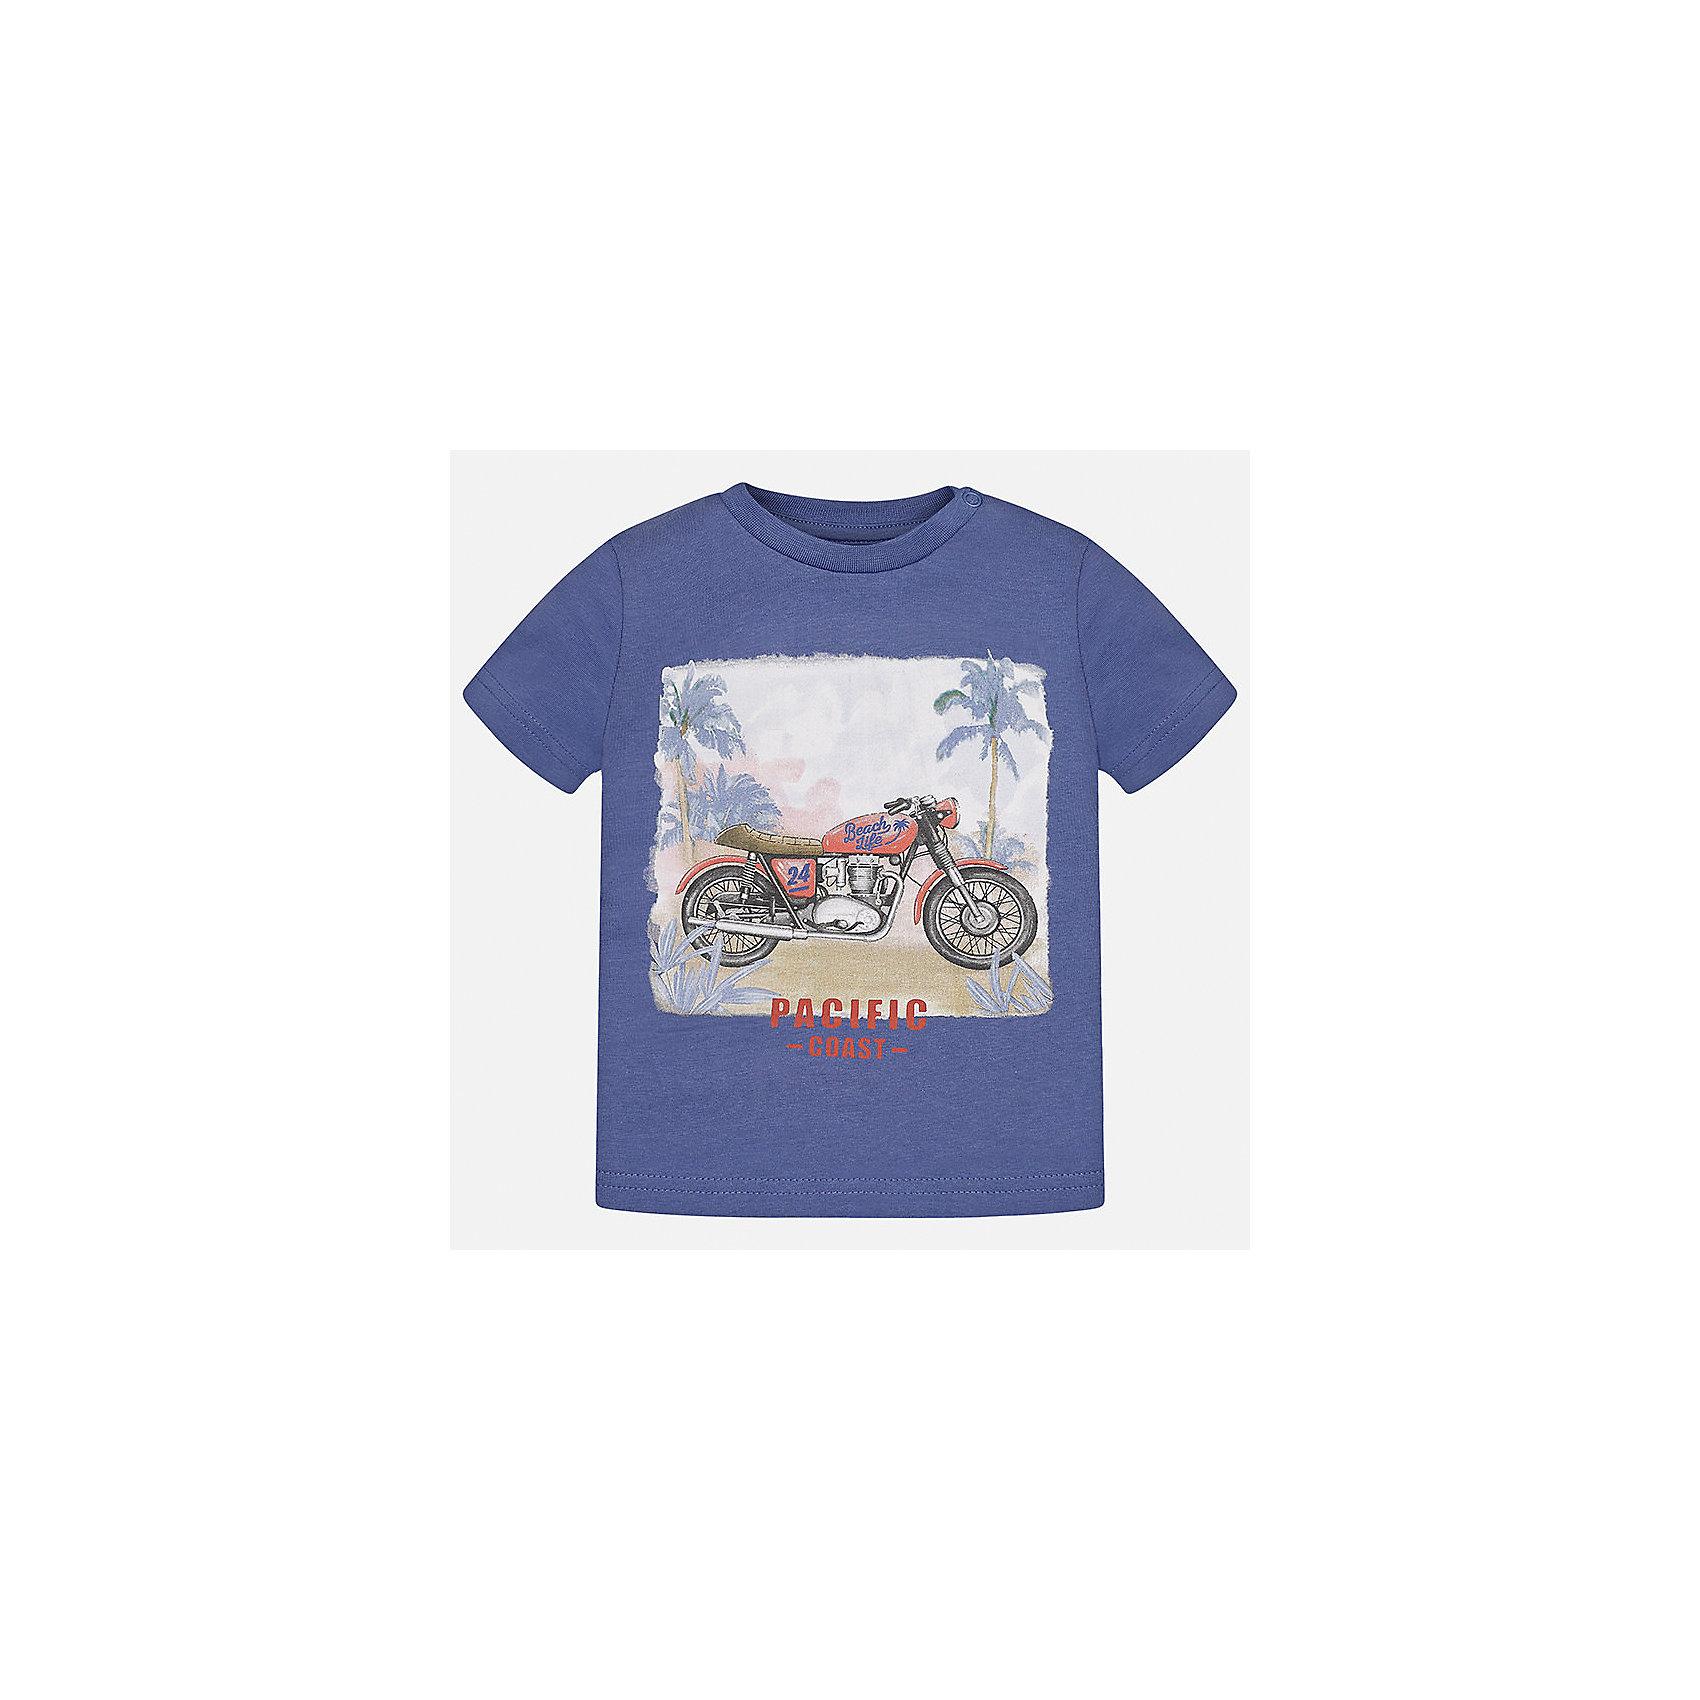 Футболка для мальчика MayoralХарактеристики товара:<br><br>• цвет: синий<br>• состав: 100% хлопок<br>• круглый горловой вырез<br>• декорирована принтом<br>• короткие рукава<br>• мягкая отделка горловины<br>• страна бренда: Испания<br><br>Красивая хлопковая футболка с принтом поможет разнообразить гардероб мальчика. Она отлично сочетается с брюками, шортами, джинсами. Универсальный крой и цвет позволяет подобрать к вещи низ разных расцветок. Практичное и стильное изделие! Хорошо смотрится и комфортно сидит на детях. В составе материала - только натуральный хлопок, гипоаллергенный, приятный на ощупь, дышащий. <br><br>Одежда, обувь и аксессуары от испанского бренда Mayoral полюбились детям и взрослым по всему миру. Модели этой марки - стильные и удобные. Для их производства используются только безопасные, качественные материалы и фурнитура. Порадуйте ребенка модными и красивыми вещами от Mayoral! <br><br>Футболку для мальчика от испанского бренда Mayoral (Майорал) можно купить в нашем интернет-магазине.<br><br>Ширина мм: 199<br>Глубина мм: 10<br>Высота мм: 161<br>Вес г: 151<br>Цвет: фиолетовый<br>Возраст от месяцев: 12<br>Возраст до месяцев: 15<br>Пол: Мужской<br>Возраст: Детский<br>Размер: 80,92,86<br>SKU: 5278509